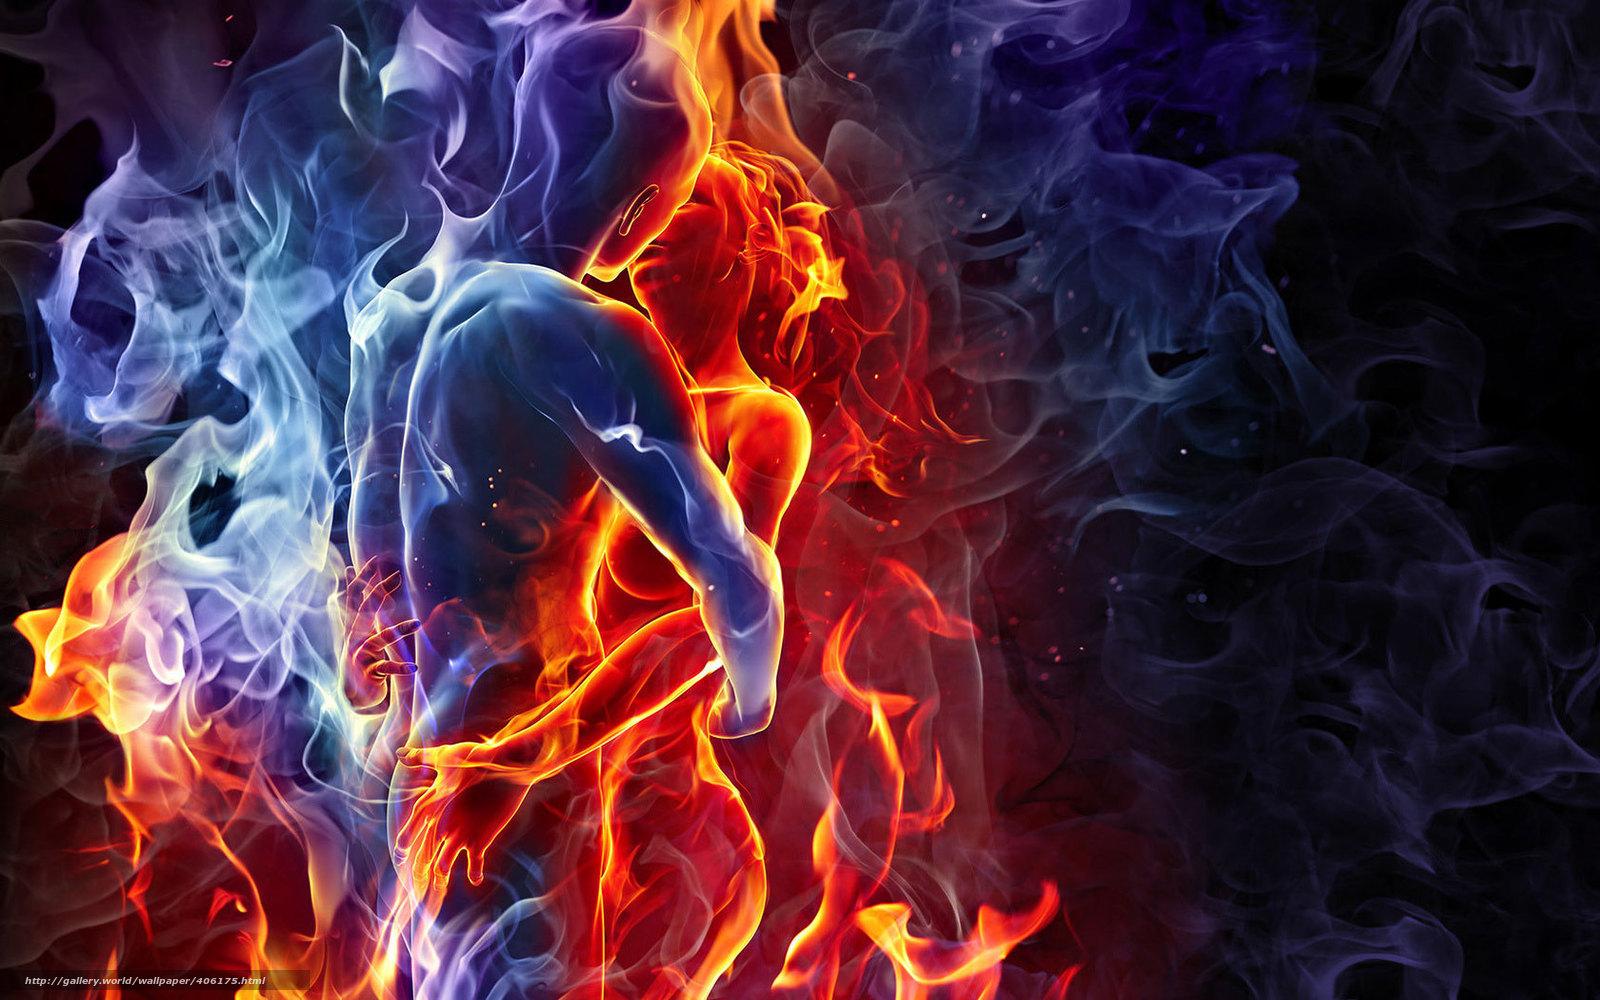 Жужа что такое страсть это любовь Артемьев, биография: Удалить